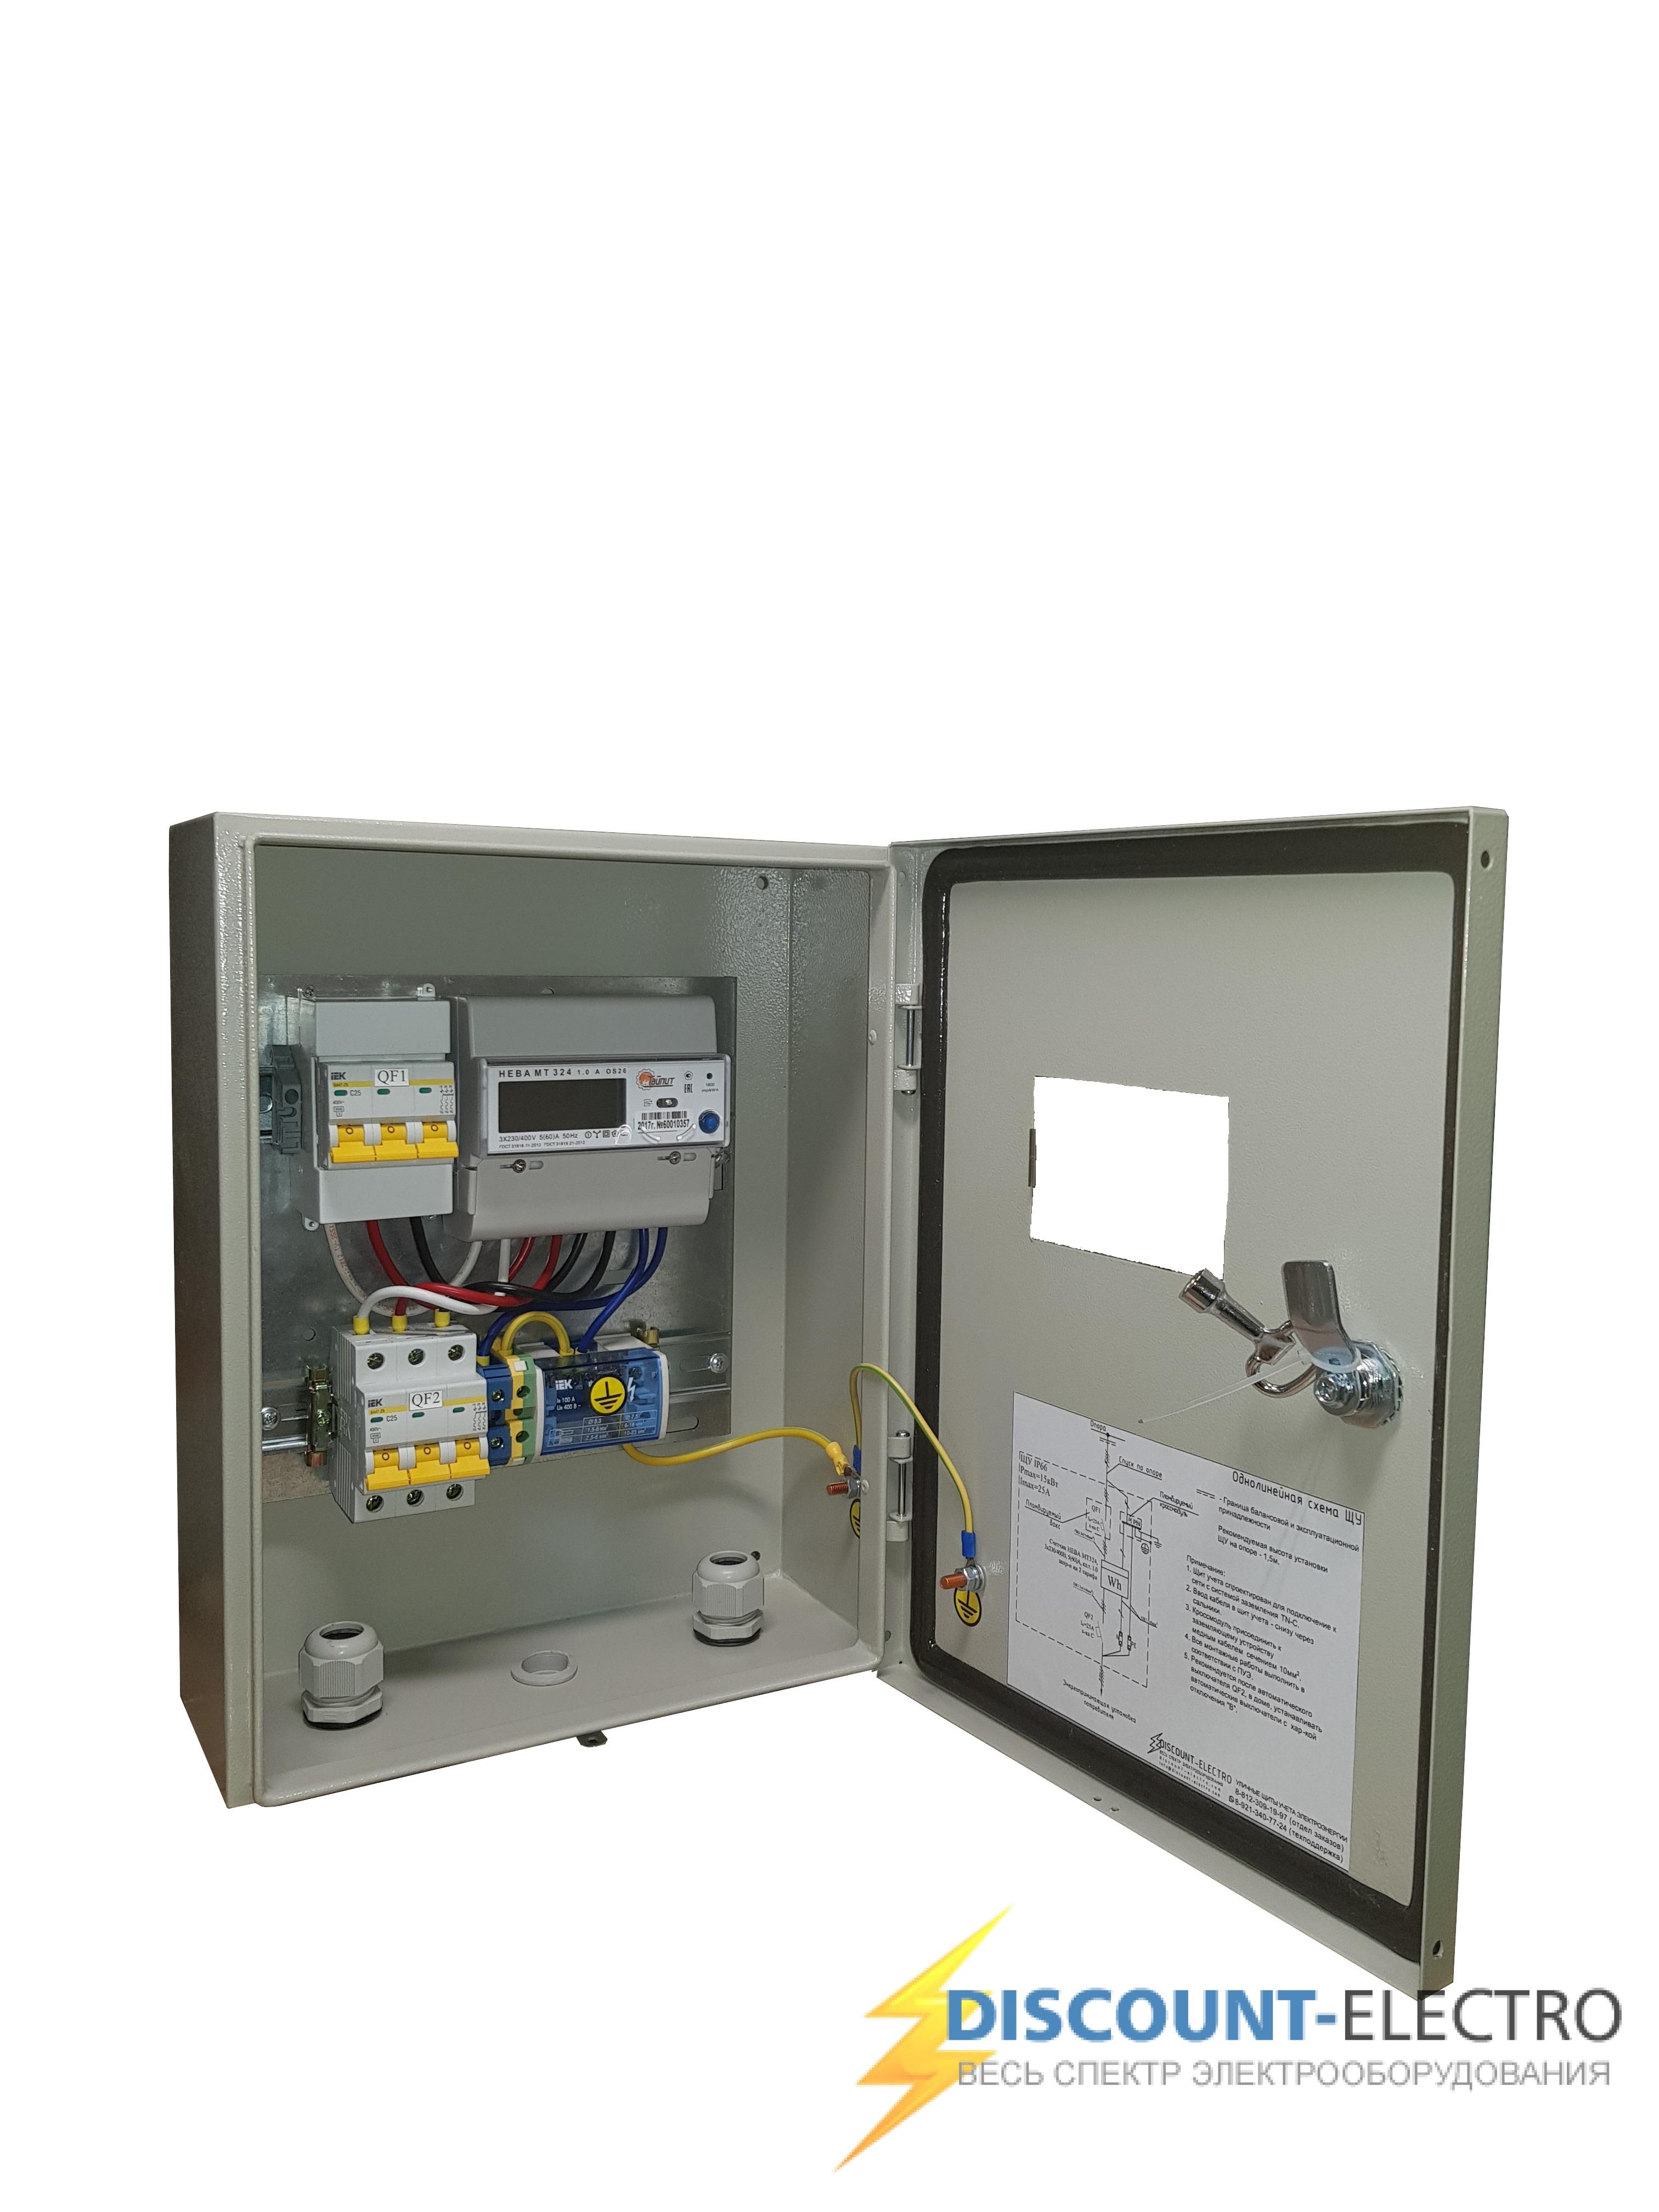 Документы для подключения электричества в Симферопольский бульвар получение ТУ от энергетической компании в Арбат улица